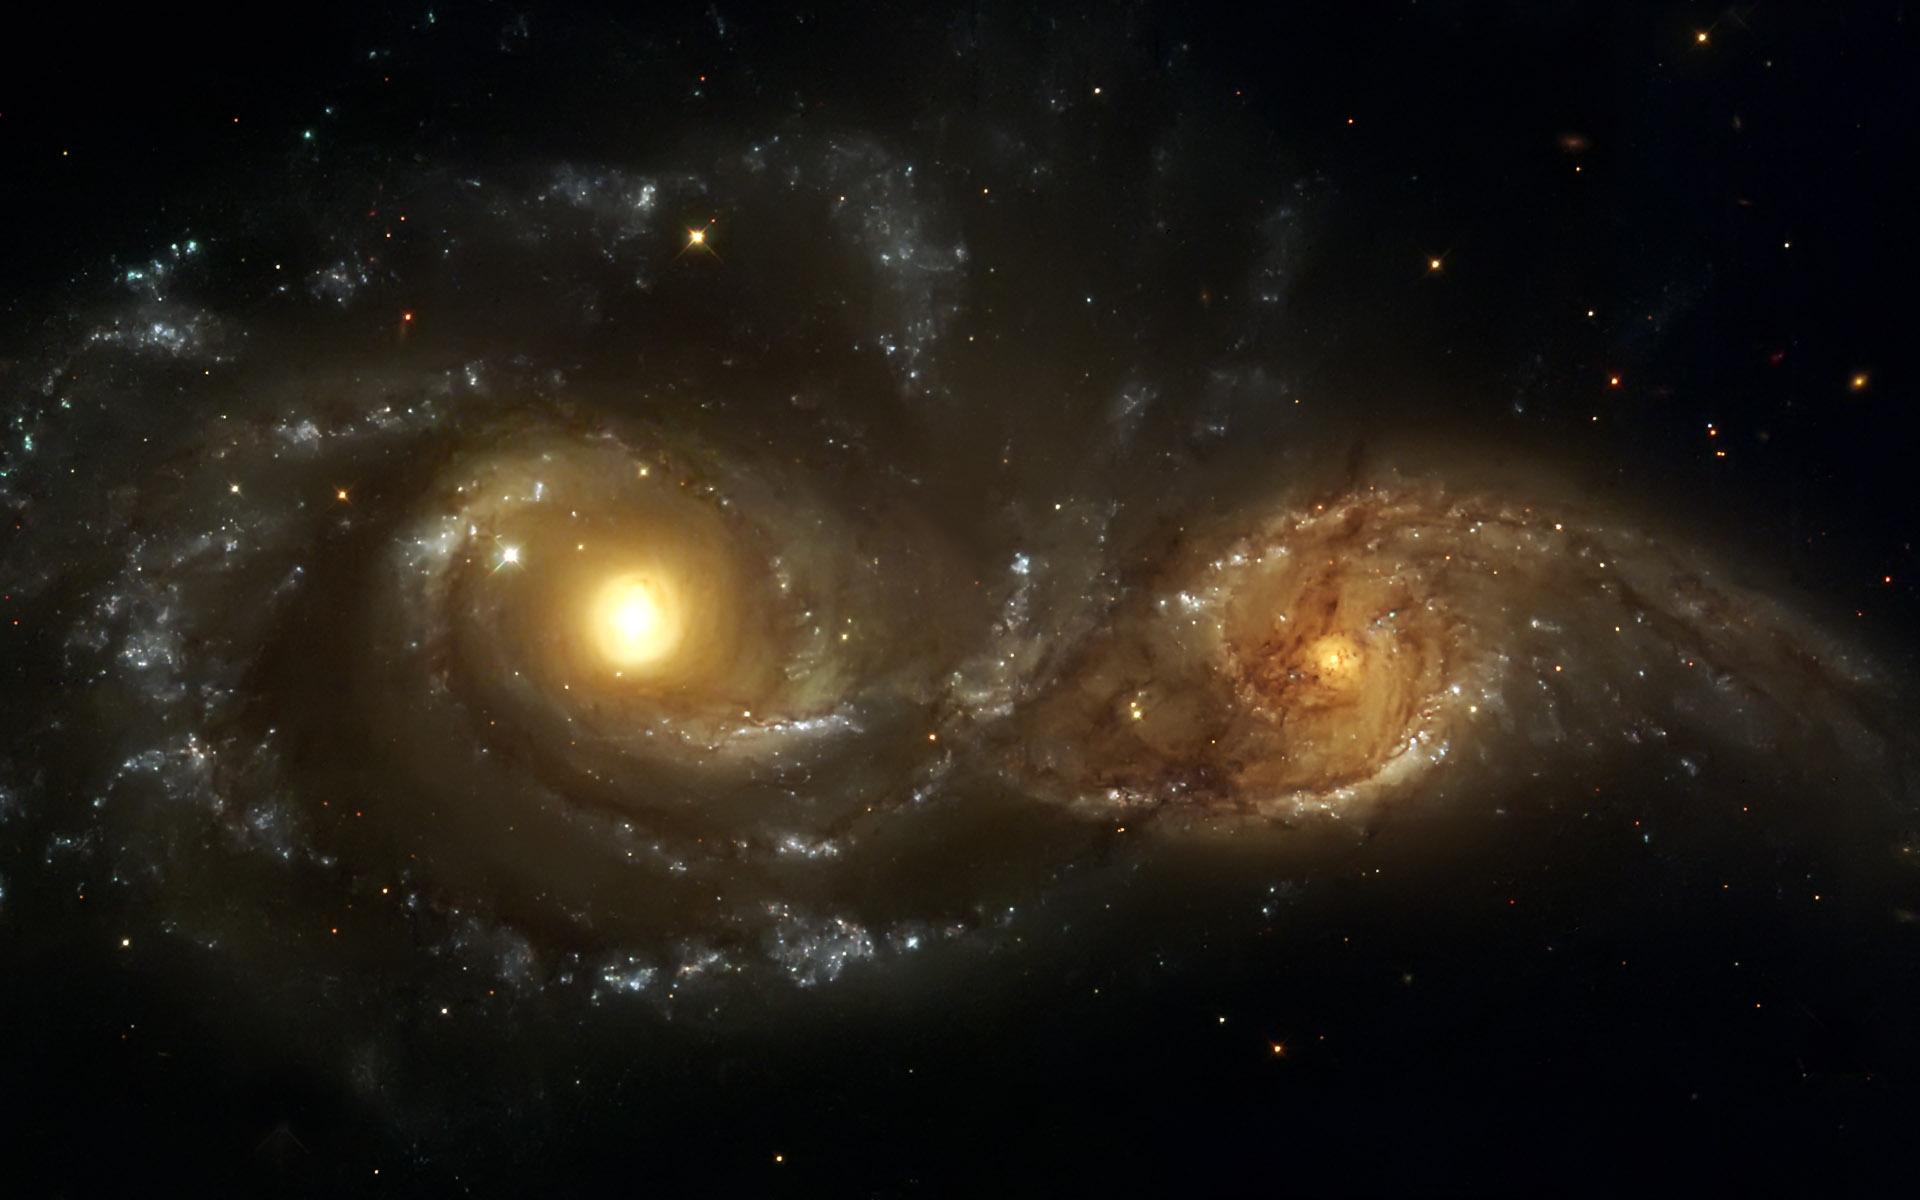 Deep Space Wallpaper | Download HD Wallpapers